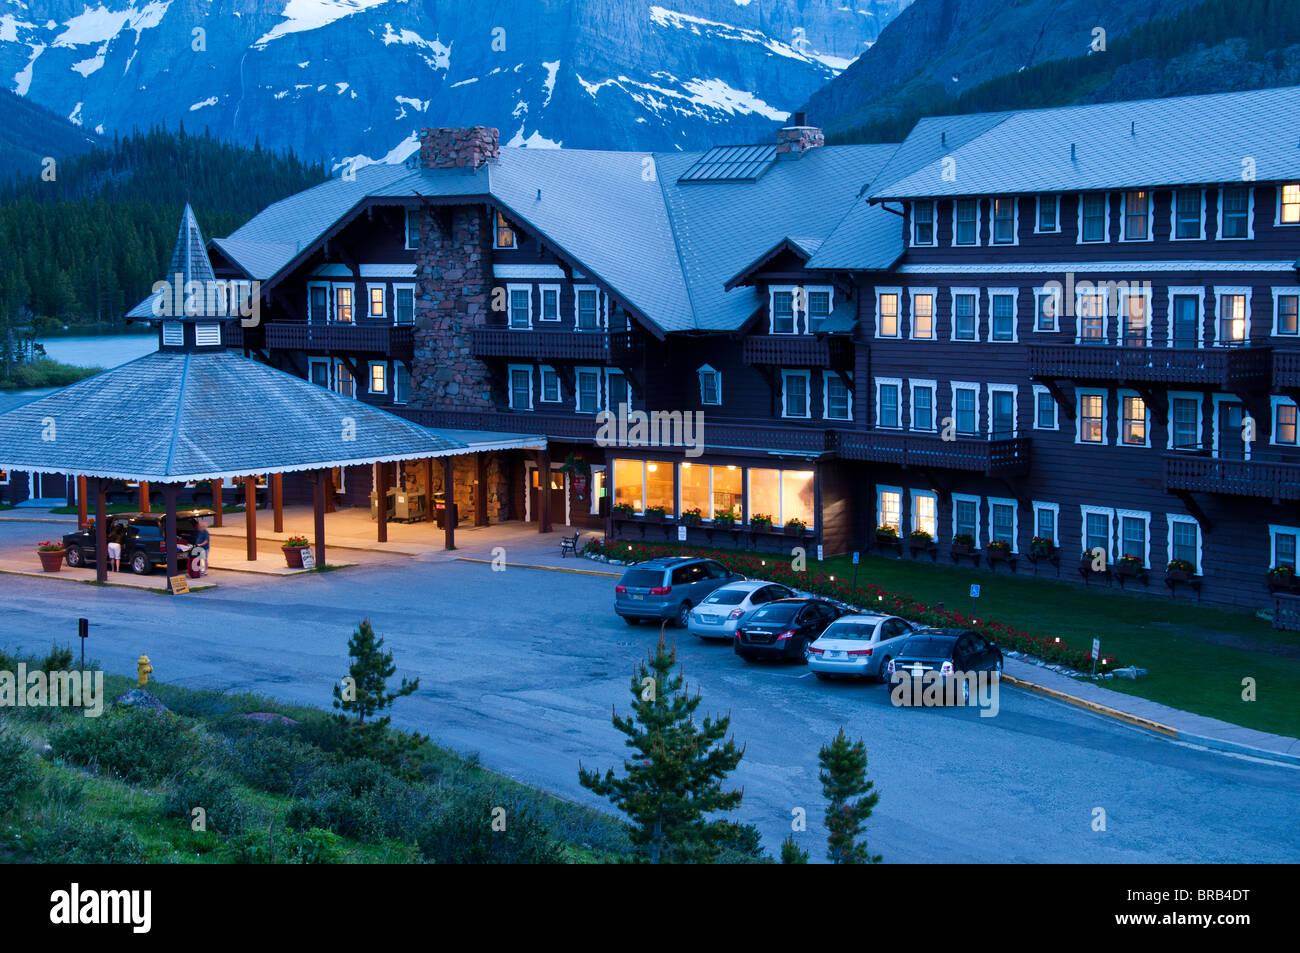 Many Glaciers Hotel at dusk, Glacier National Park, Montana. Stock Photo